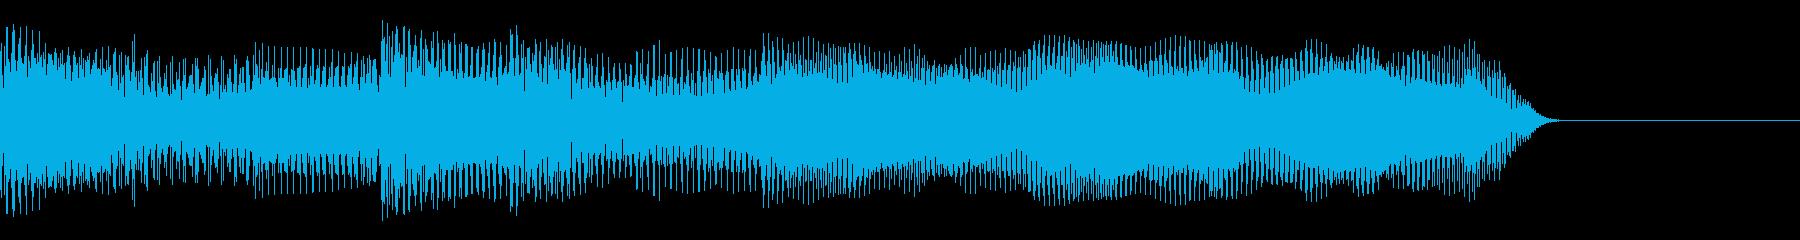 テッテレ(入手・レベルアップ) 8bitの再生済みの波形